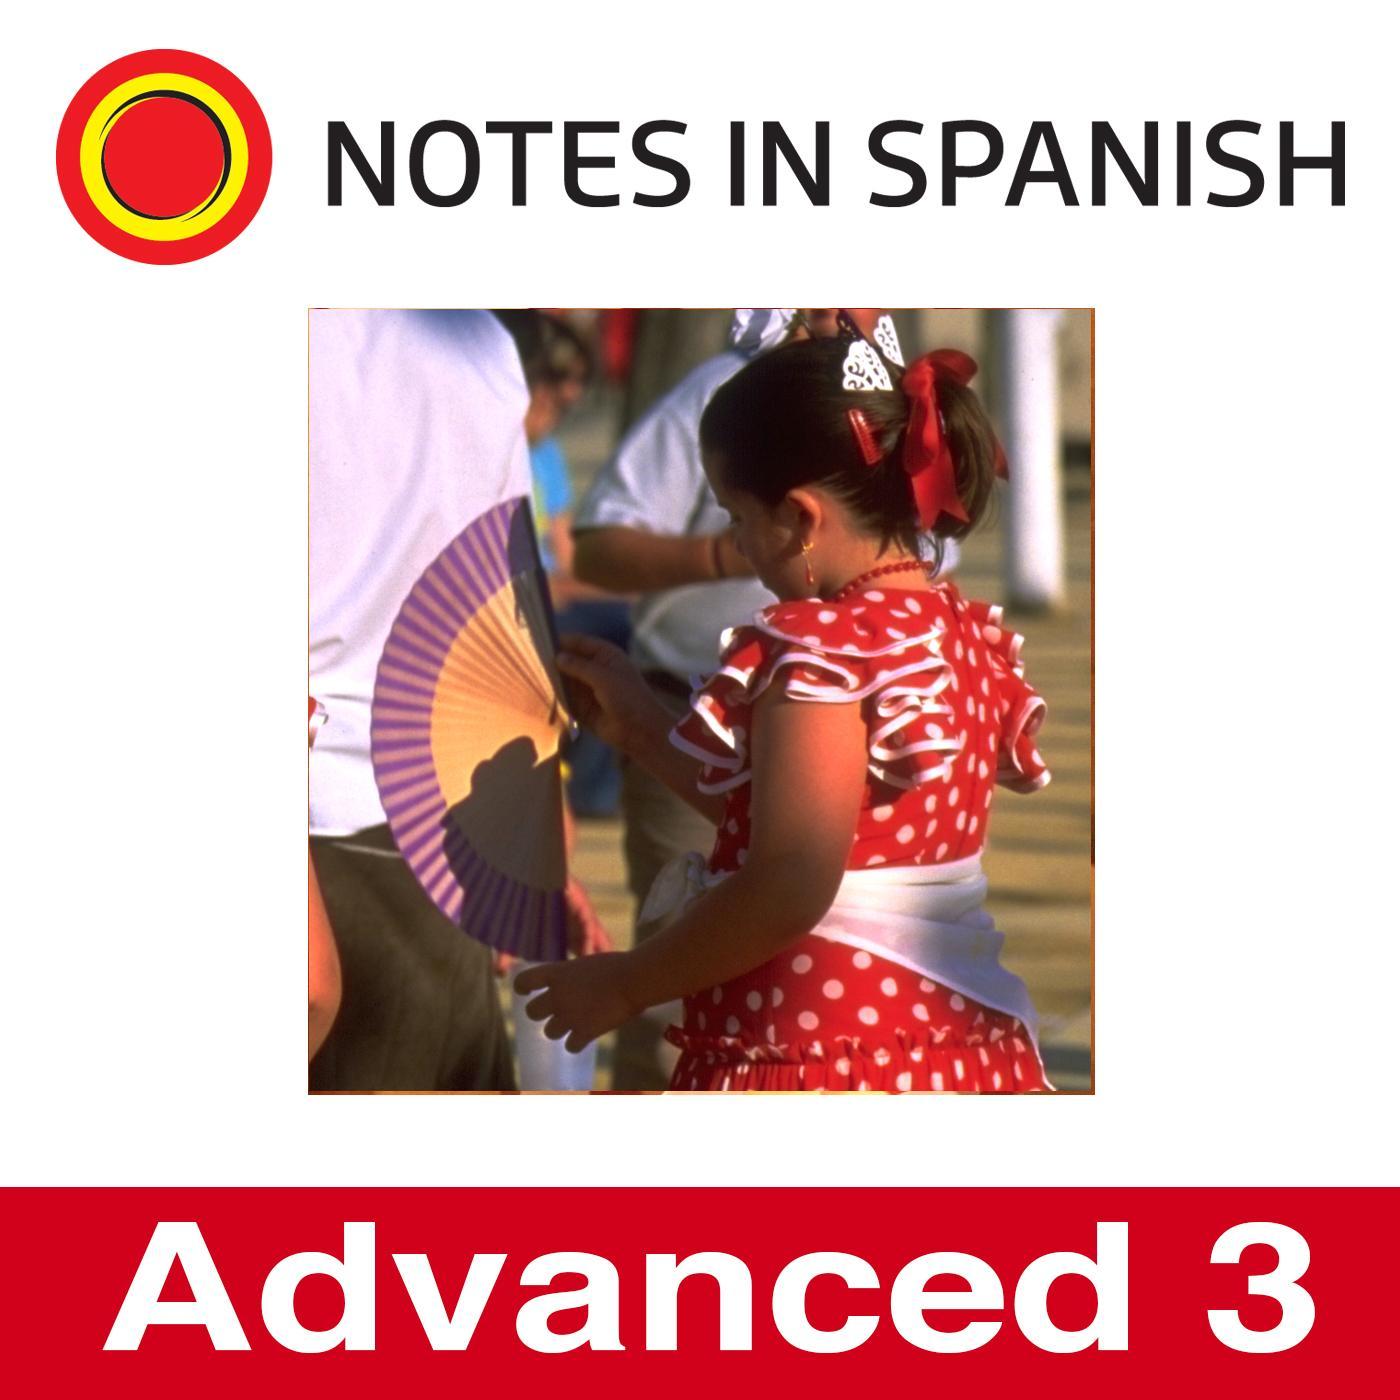 NIS Advanced S3 - 12 - Culto a la Gamba